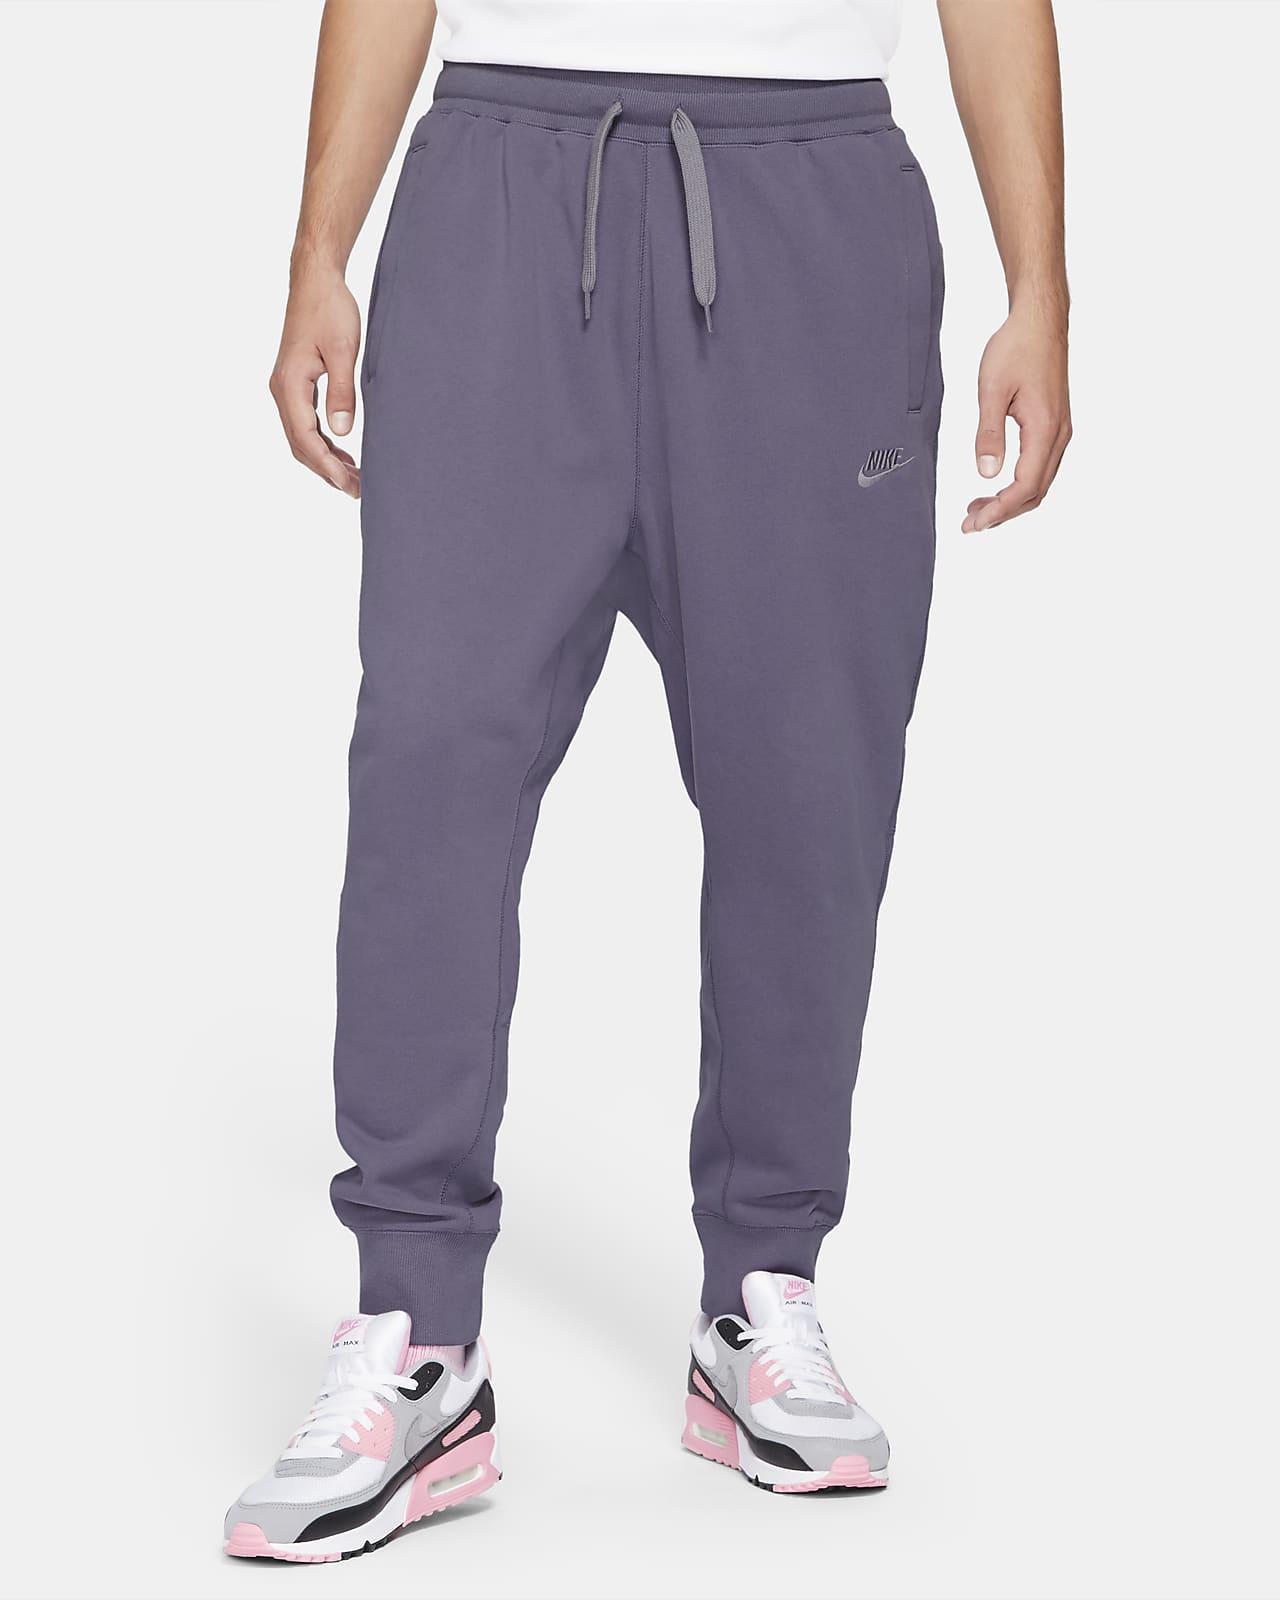 Pantalones de tejido Fleece clásico para hombre Nike Sportswear